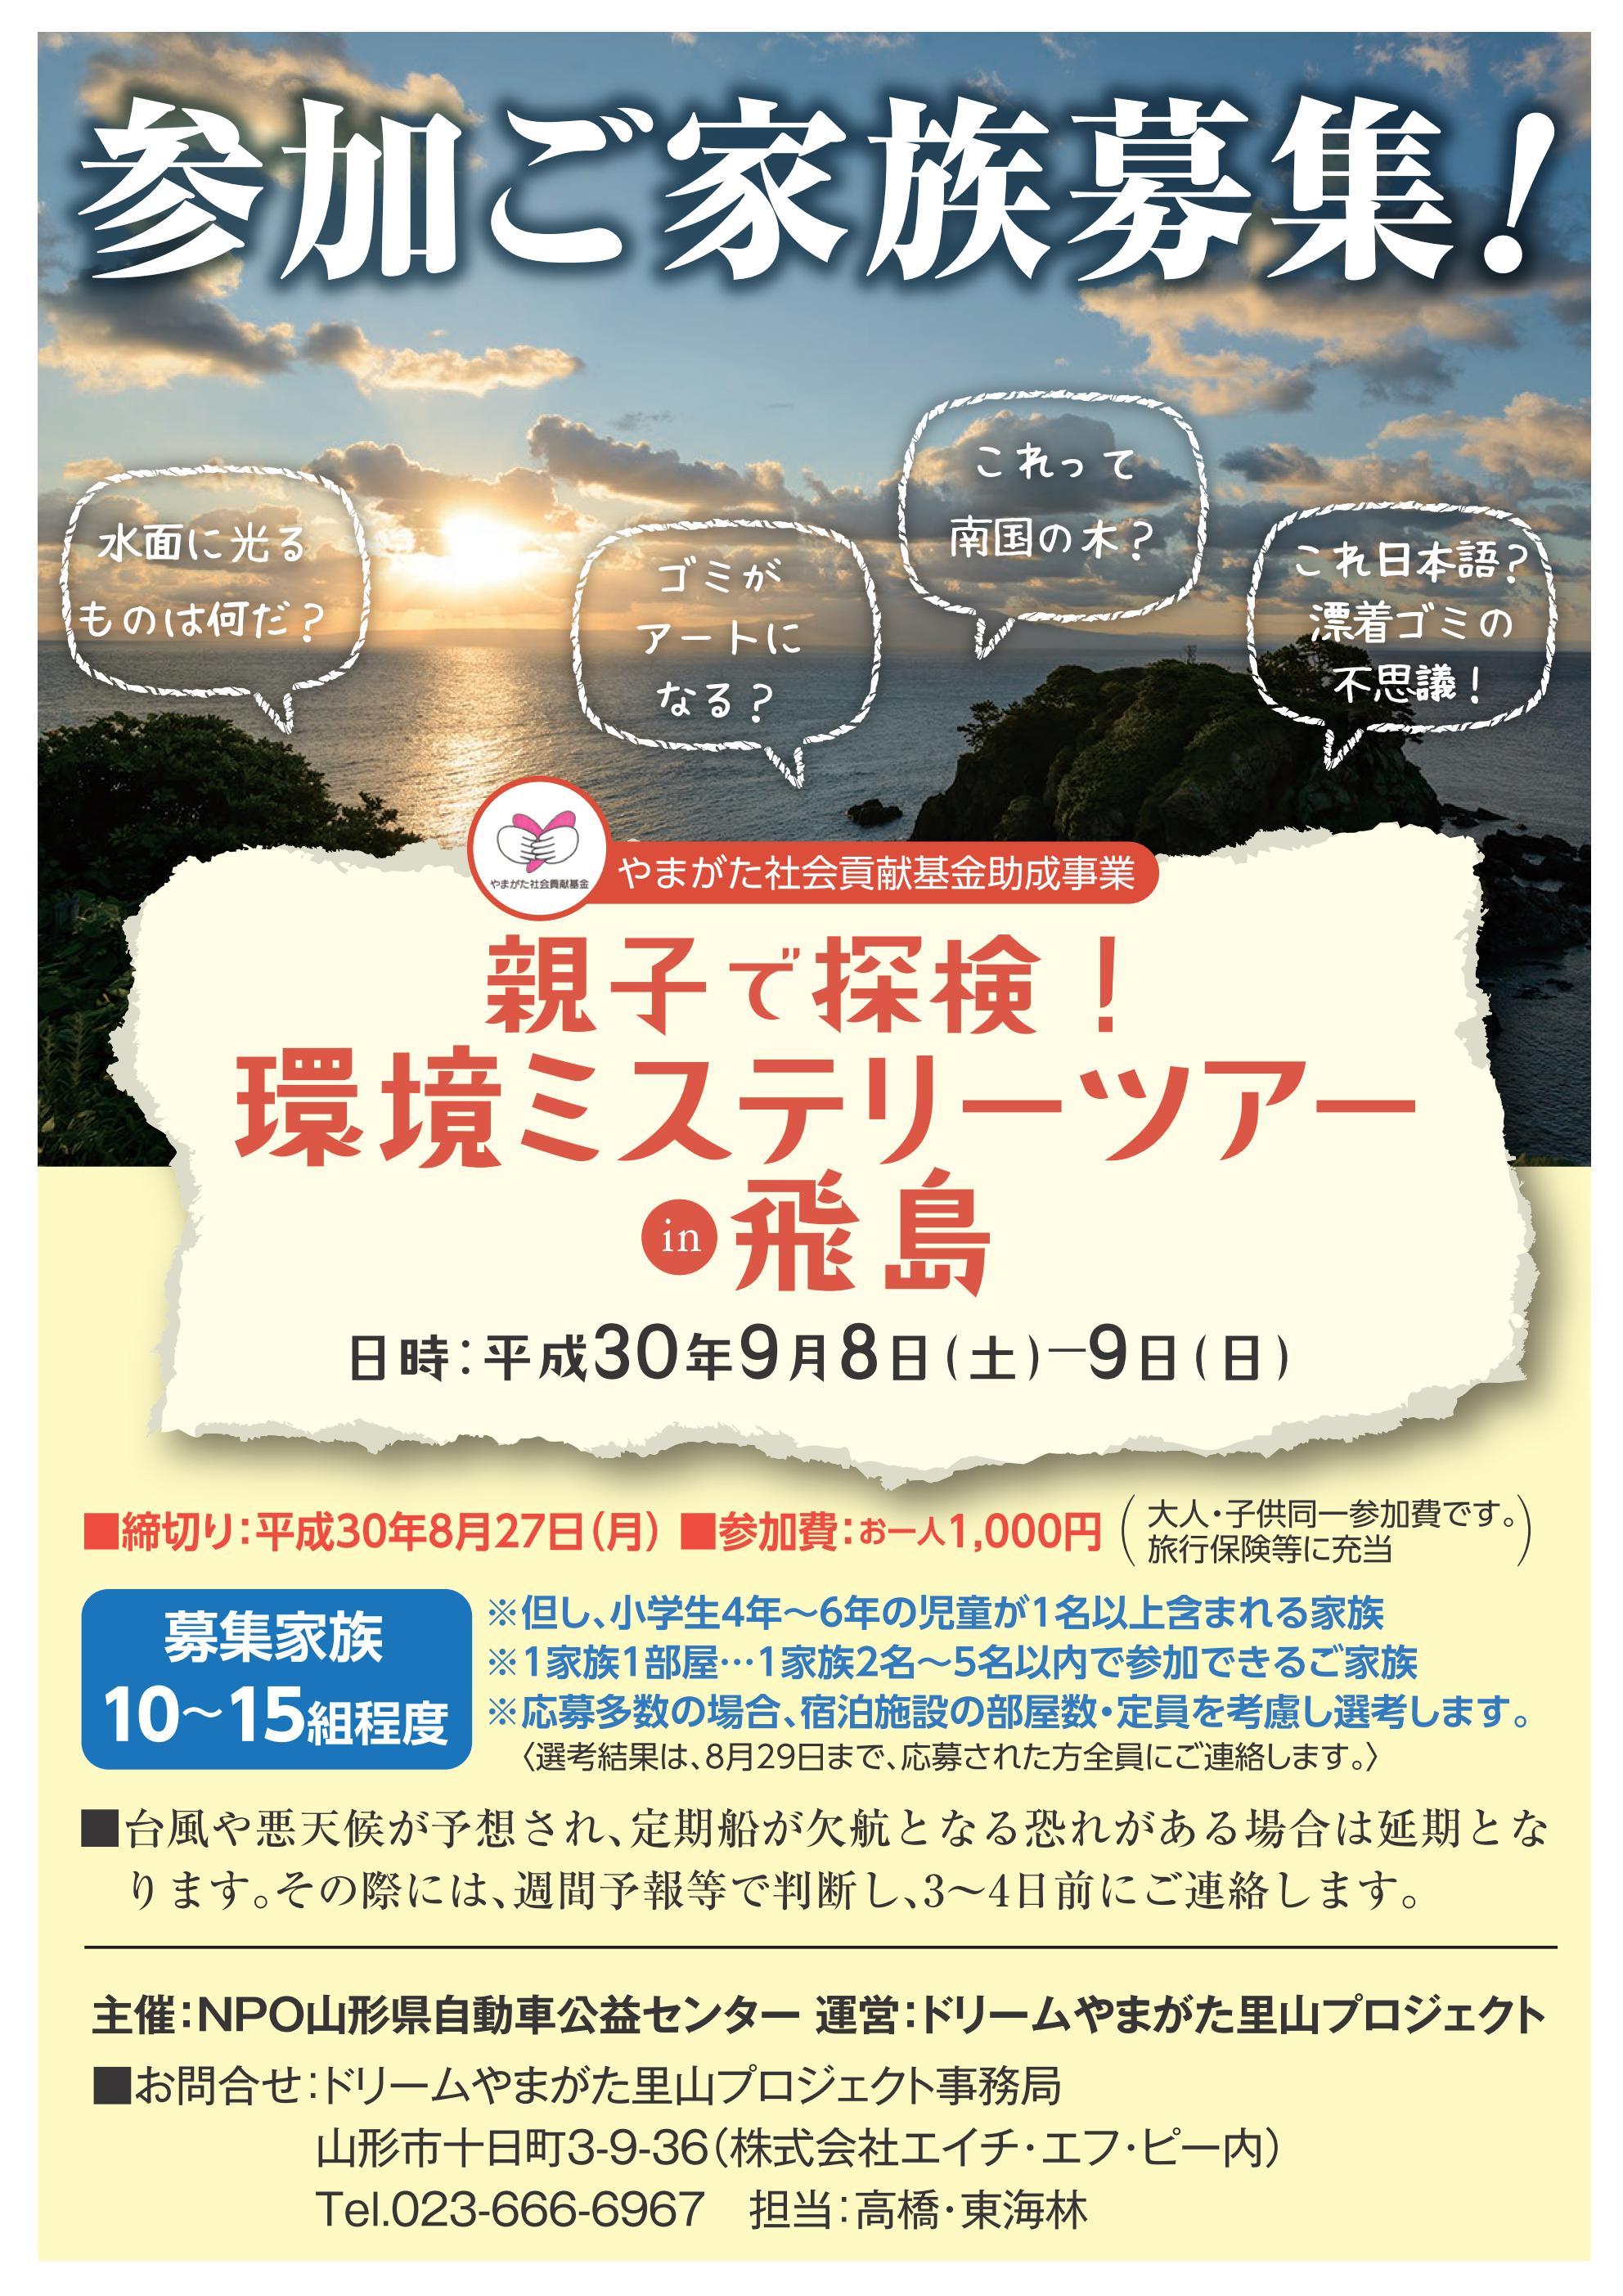 【参加者募集!】親子で探検!環境ミステリーツアーin飛島